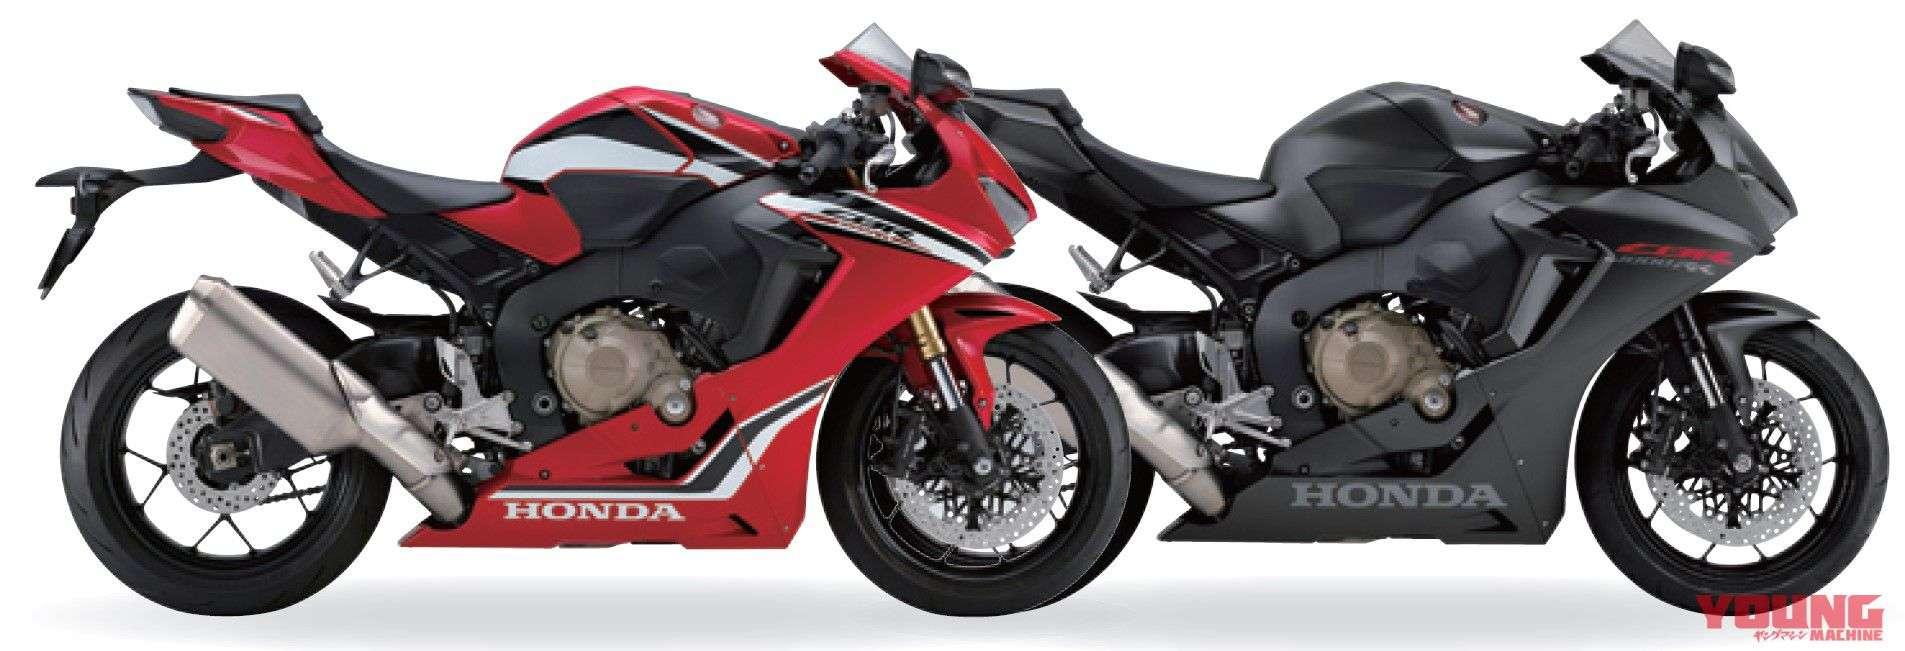 HONDA CBR1000RR Standard 2019